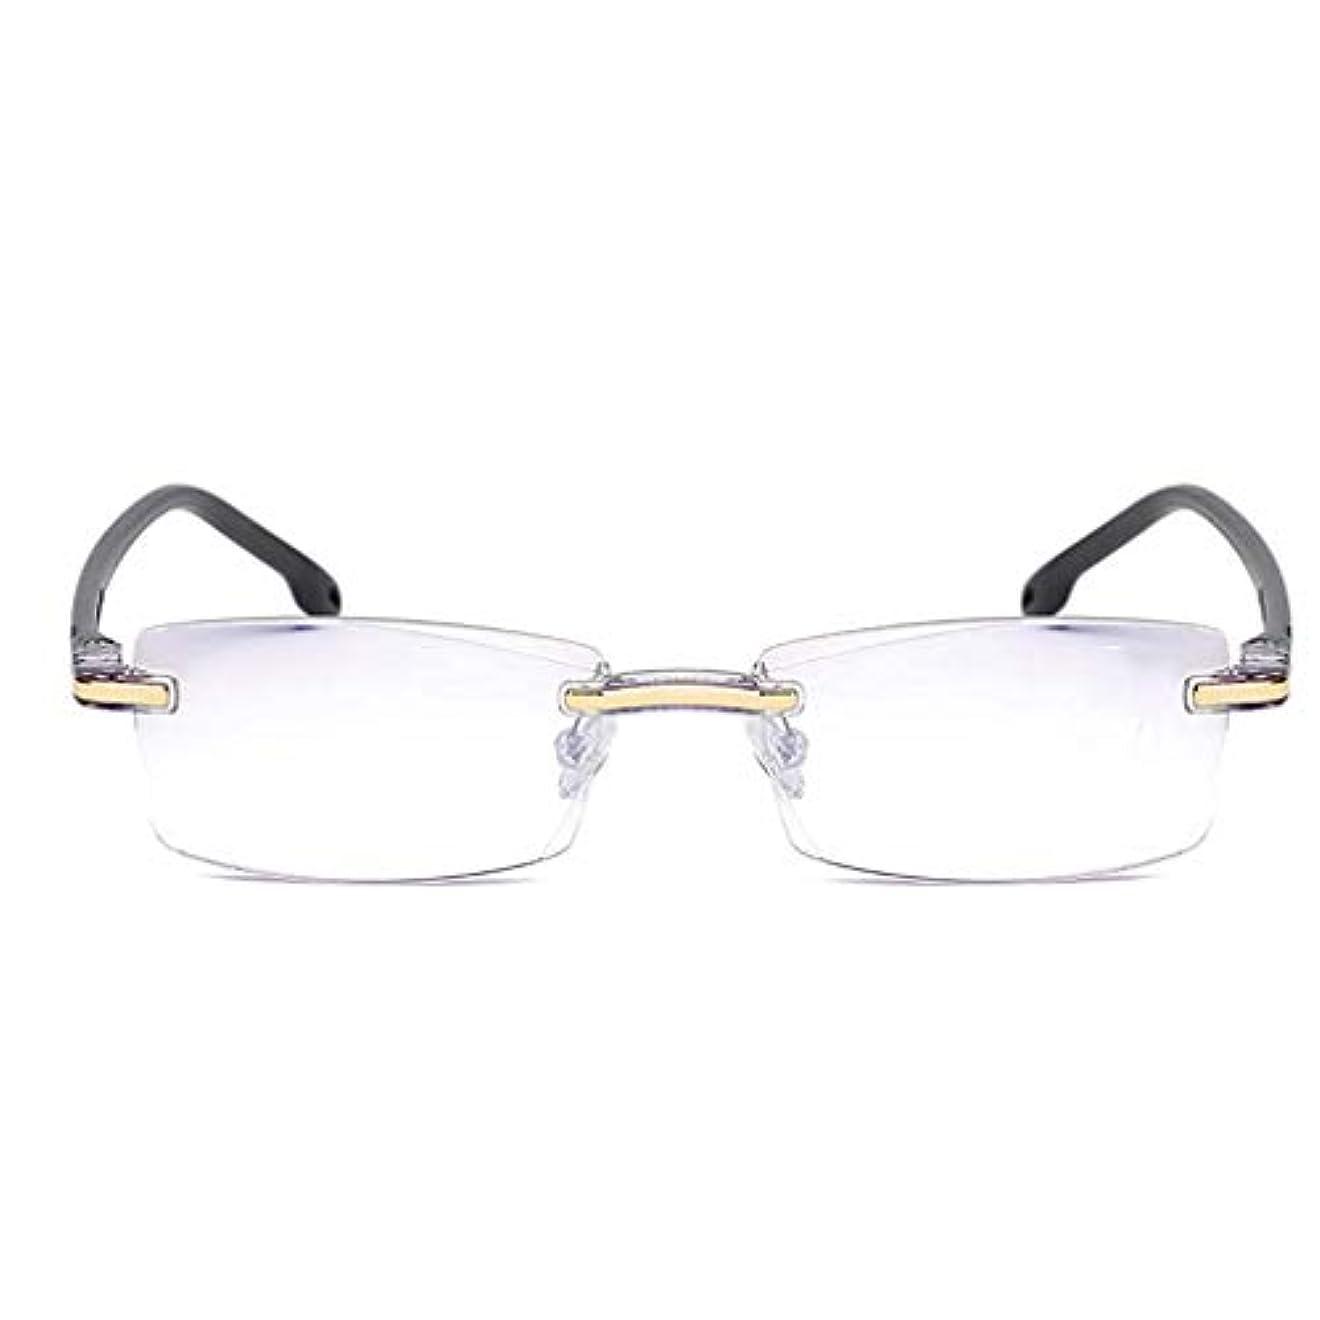 アンチ青ライト老眼鏡,フレームレスの読者 軽量 Hd レンズ ビジネス老眼鏡 簡単な耐久性-黒 +2.5